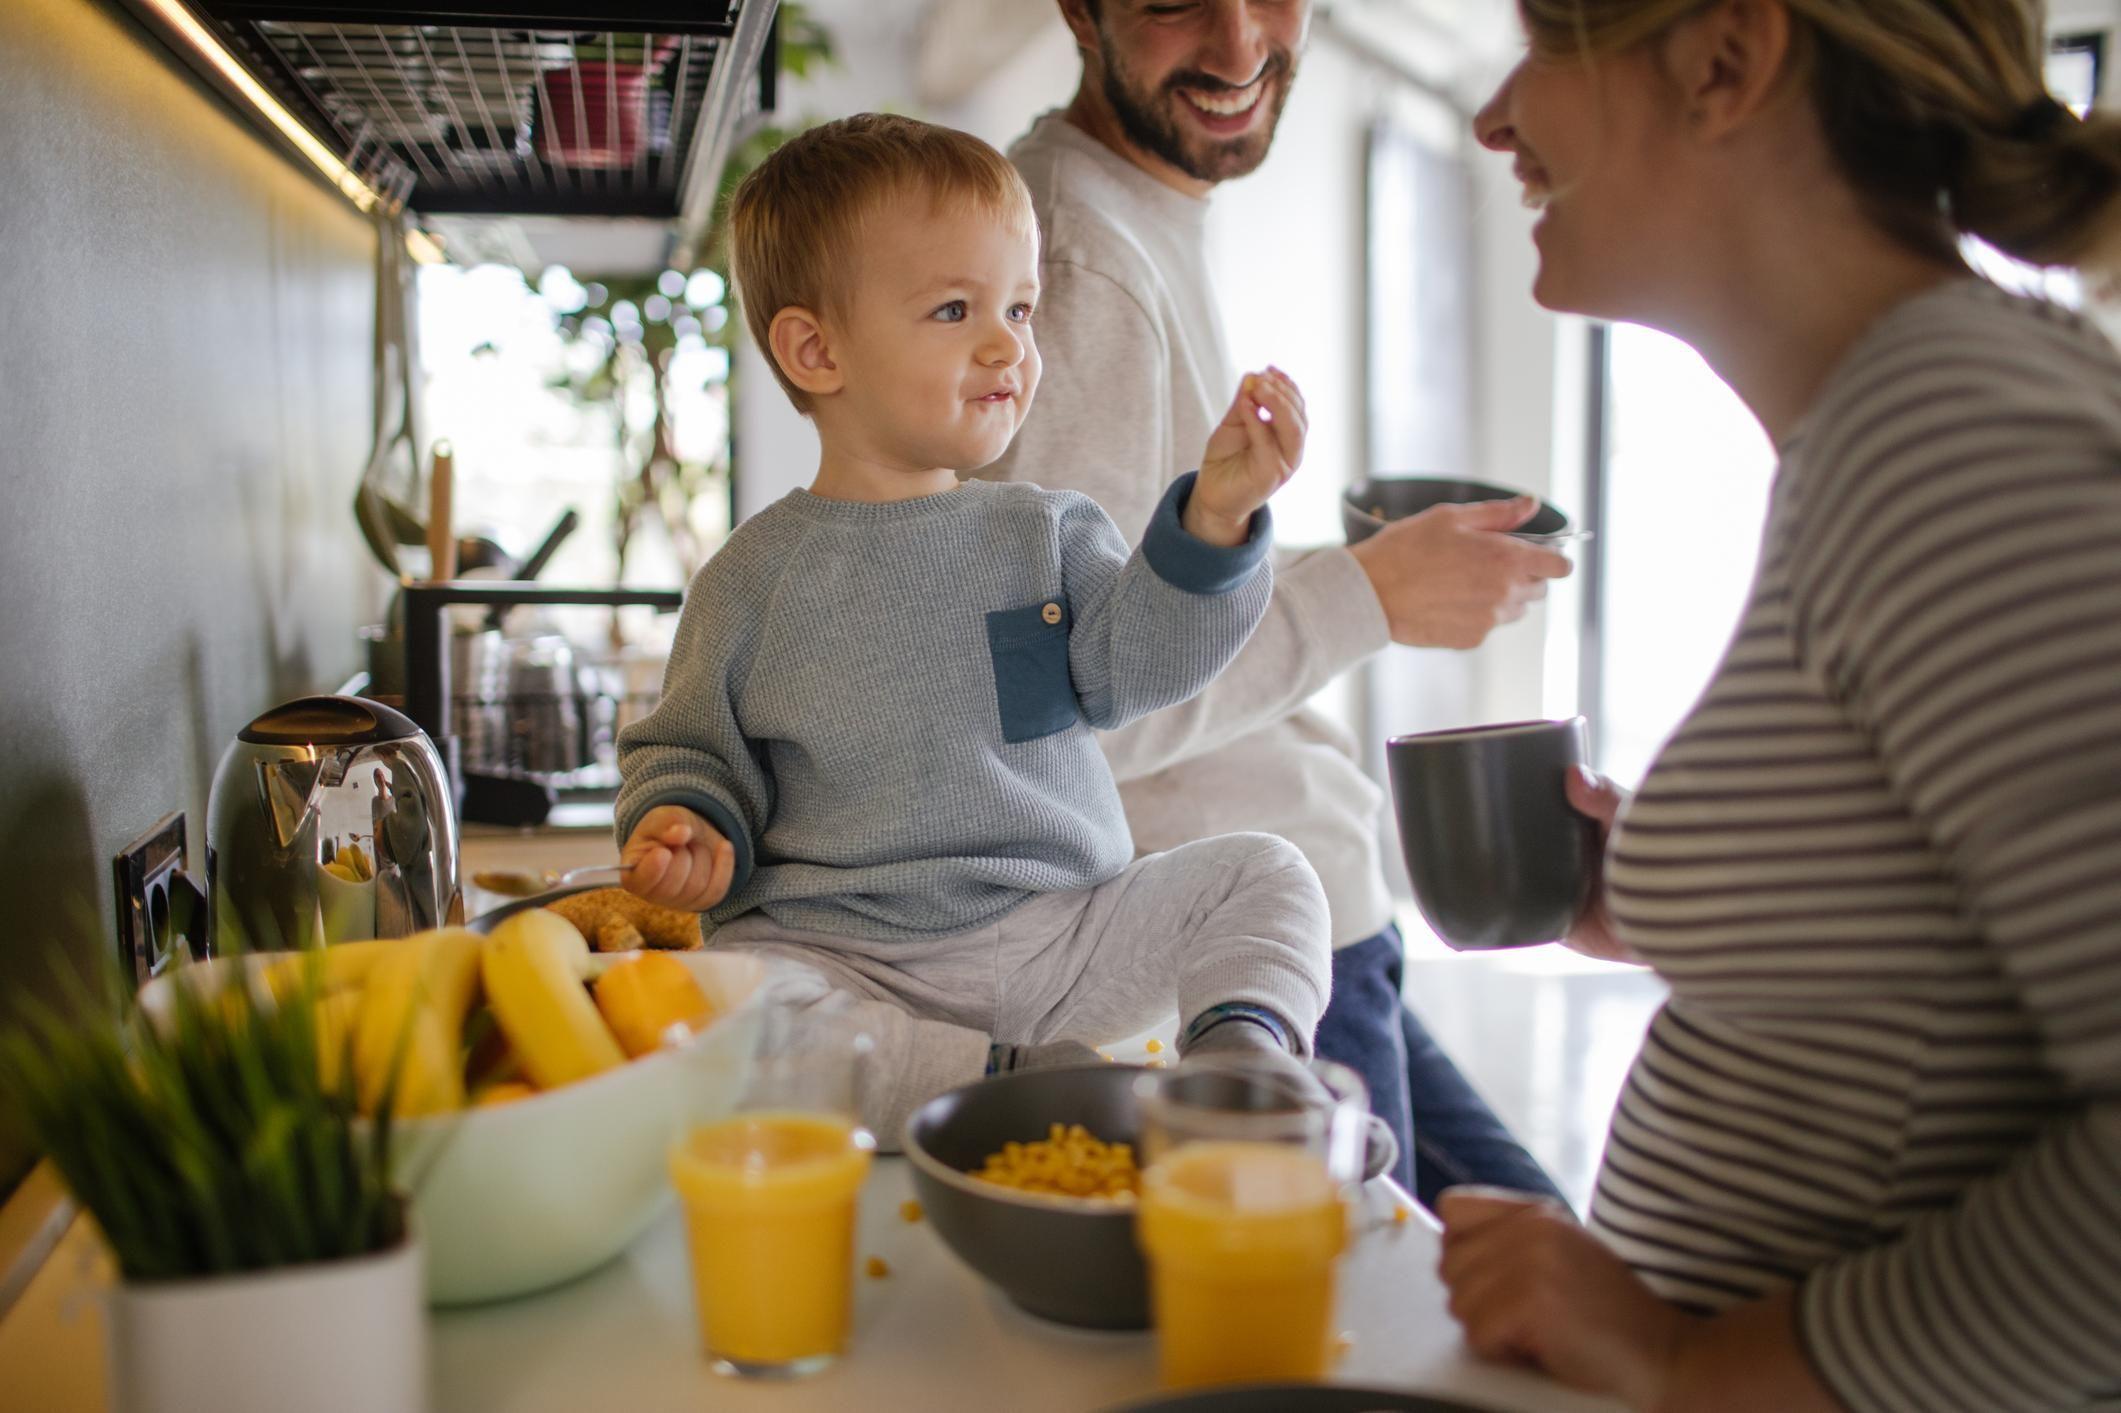 Alimentation De Bébé à 17 Mois   Bien Nourrir Son Enfant à 17 Mois    Doctissimo